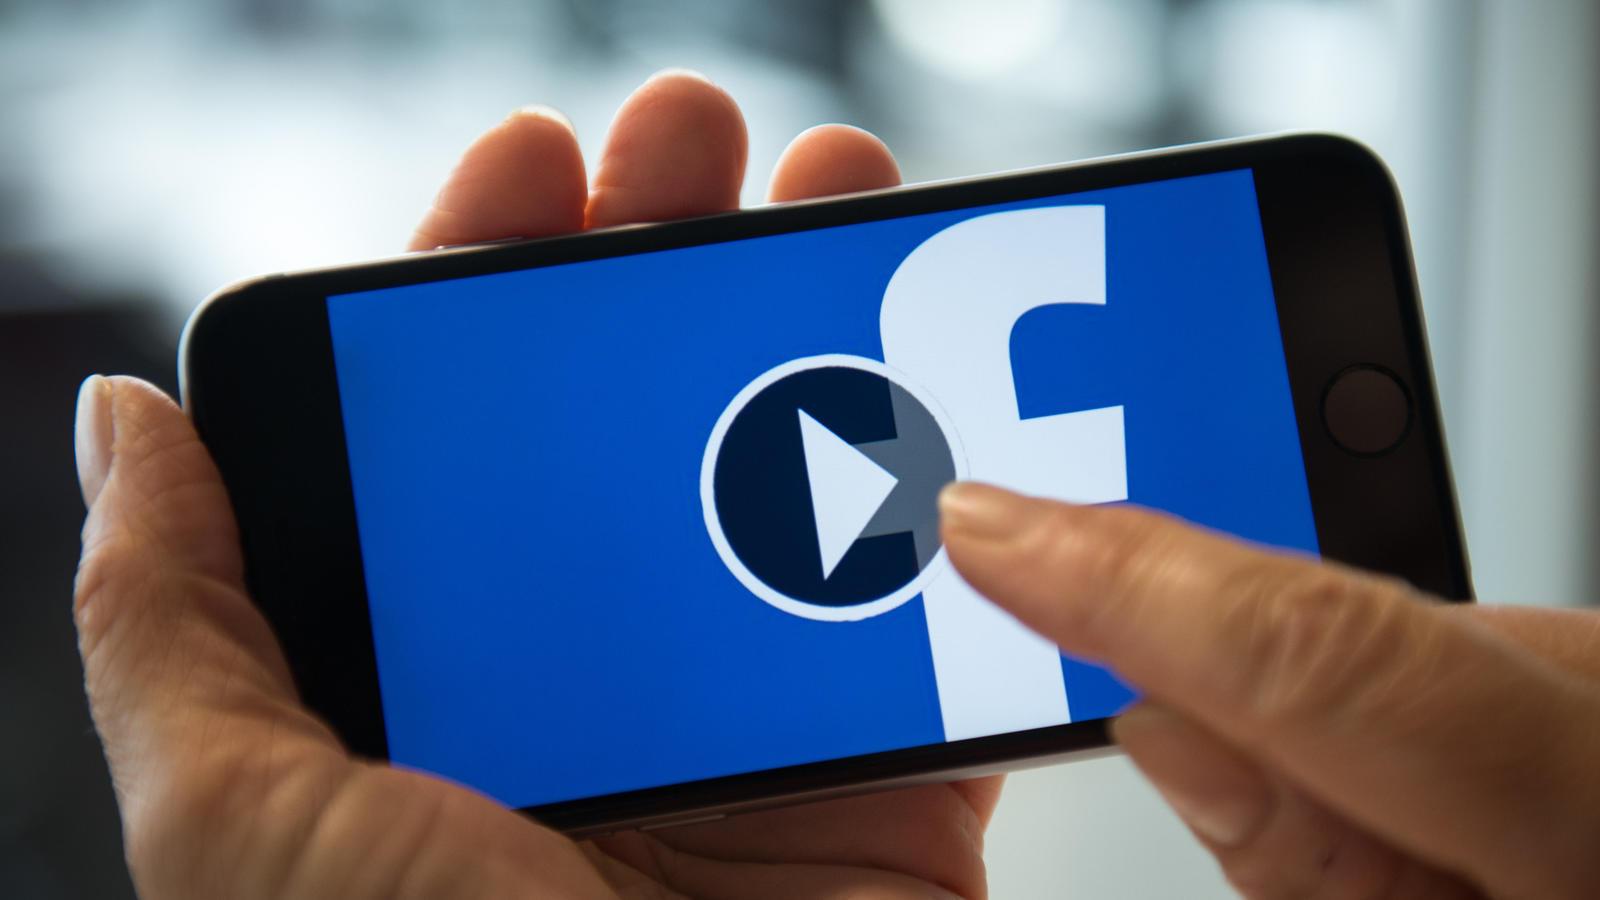 Drei Männer wurden in Schweden zu Gefängnisstrafen verurteilt, weil sie eine junge Frau vergewaltigt und die Taten live auf Facebook übertragen haben. (Motivbild)